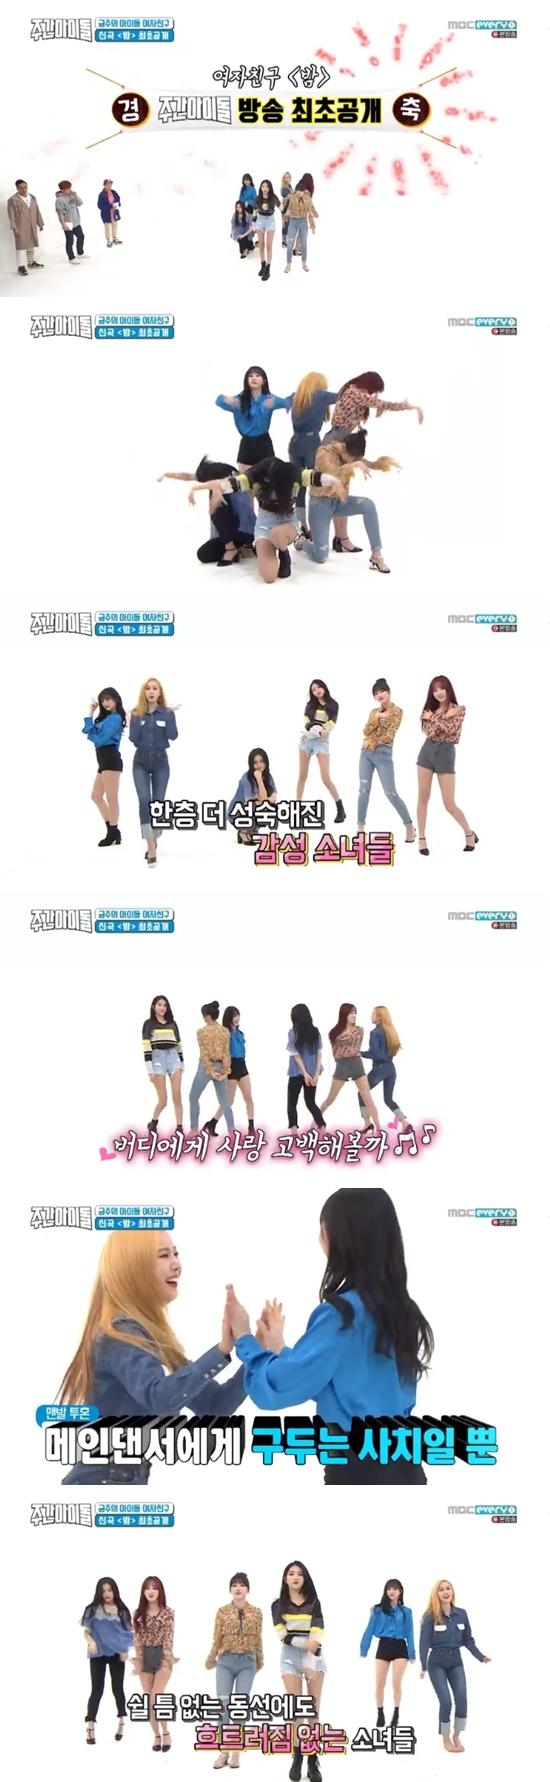 '주간아' 여자친구, 신곡 '밤' 무대 최초 공개…'맨발 투혼'까지